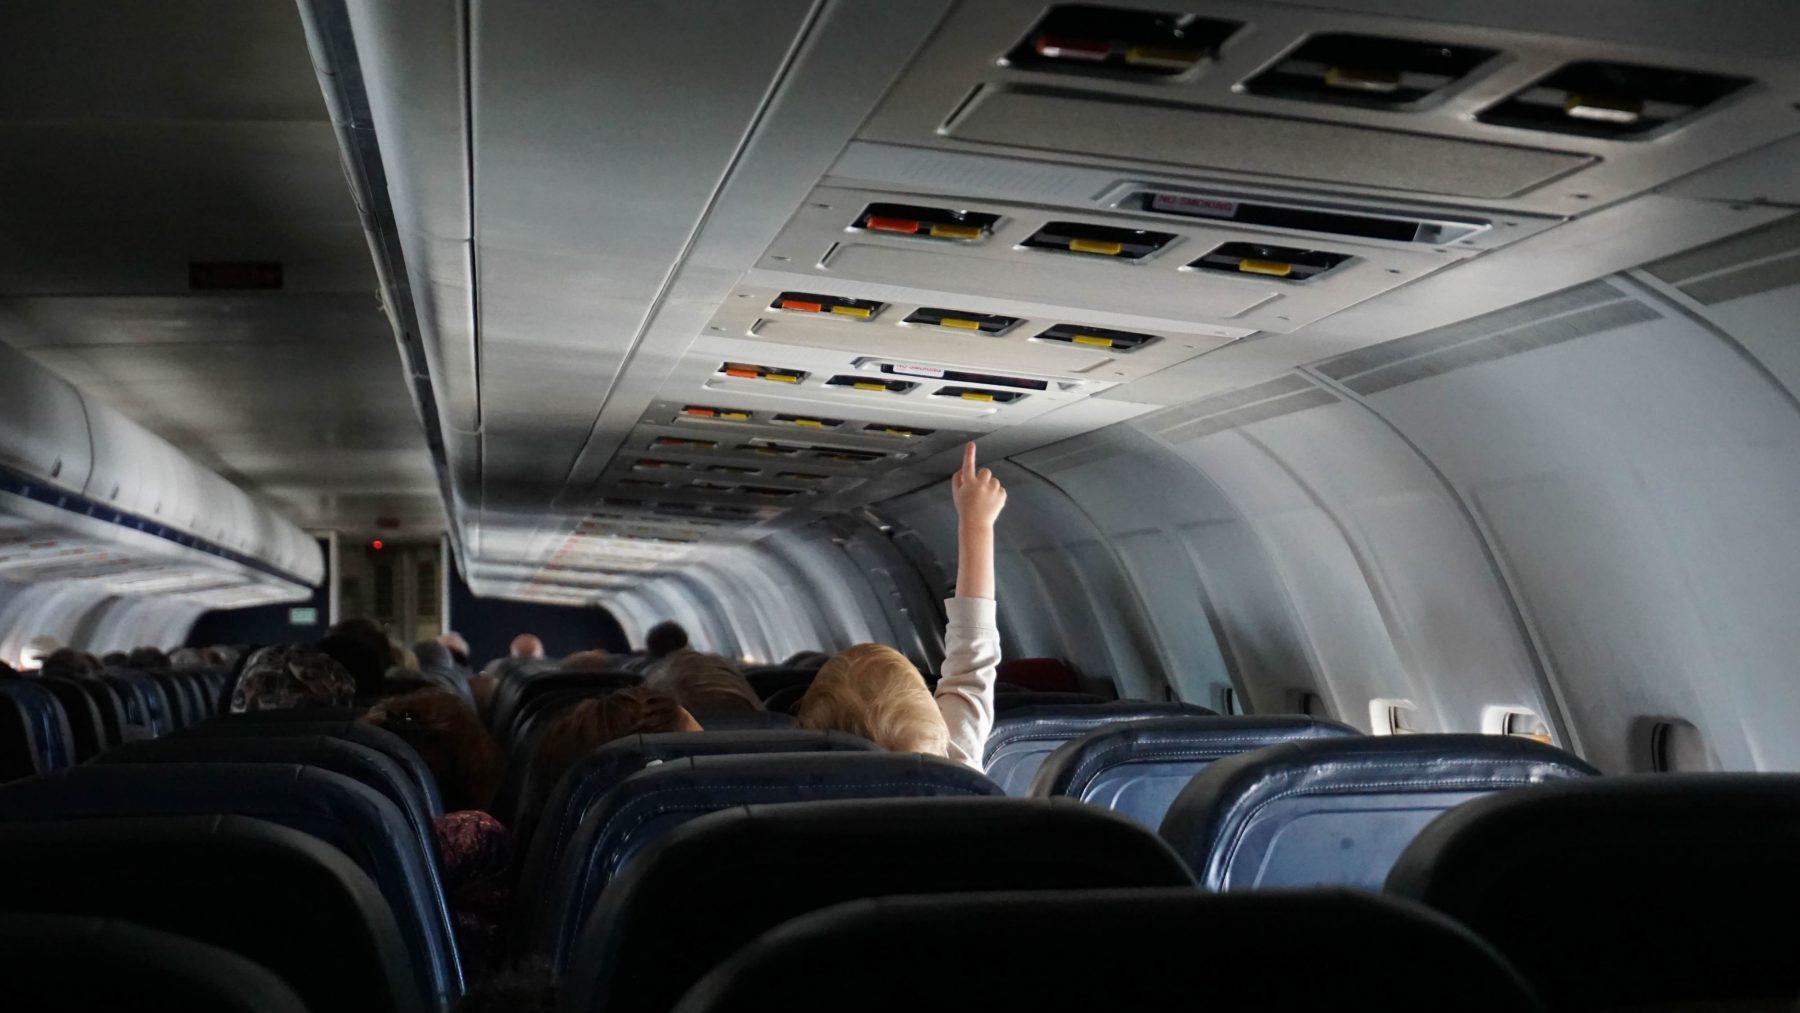 Deze kersverse ouders werden op een wel heel bijzonder manier verrast tijdens hun vlucht